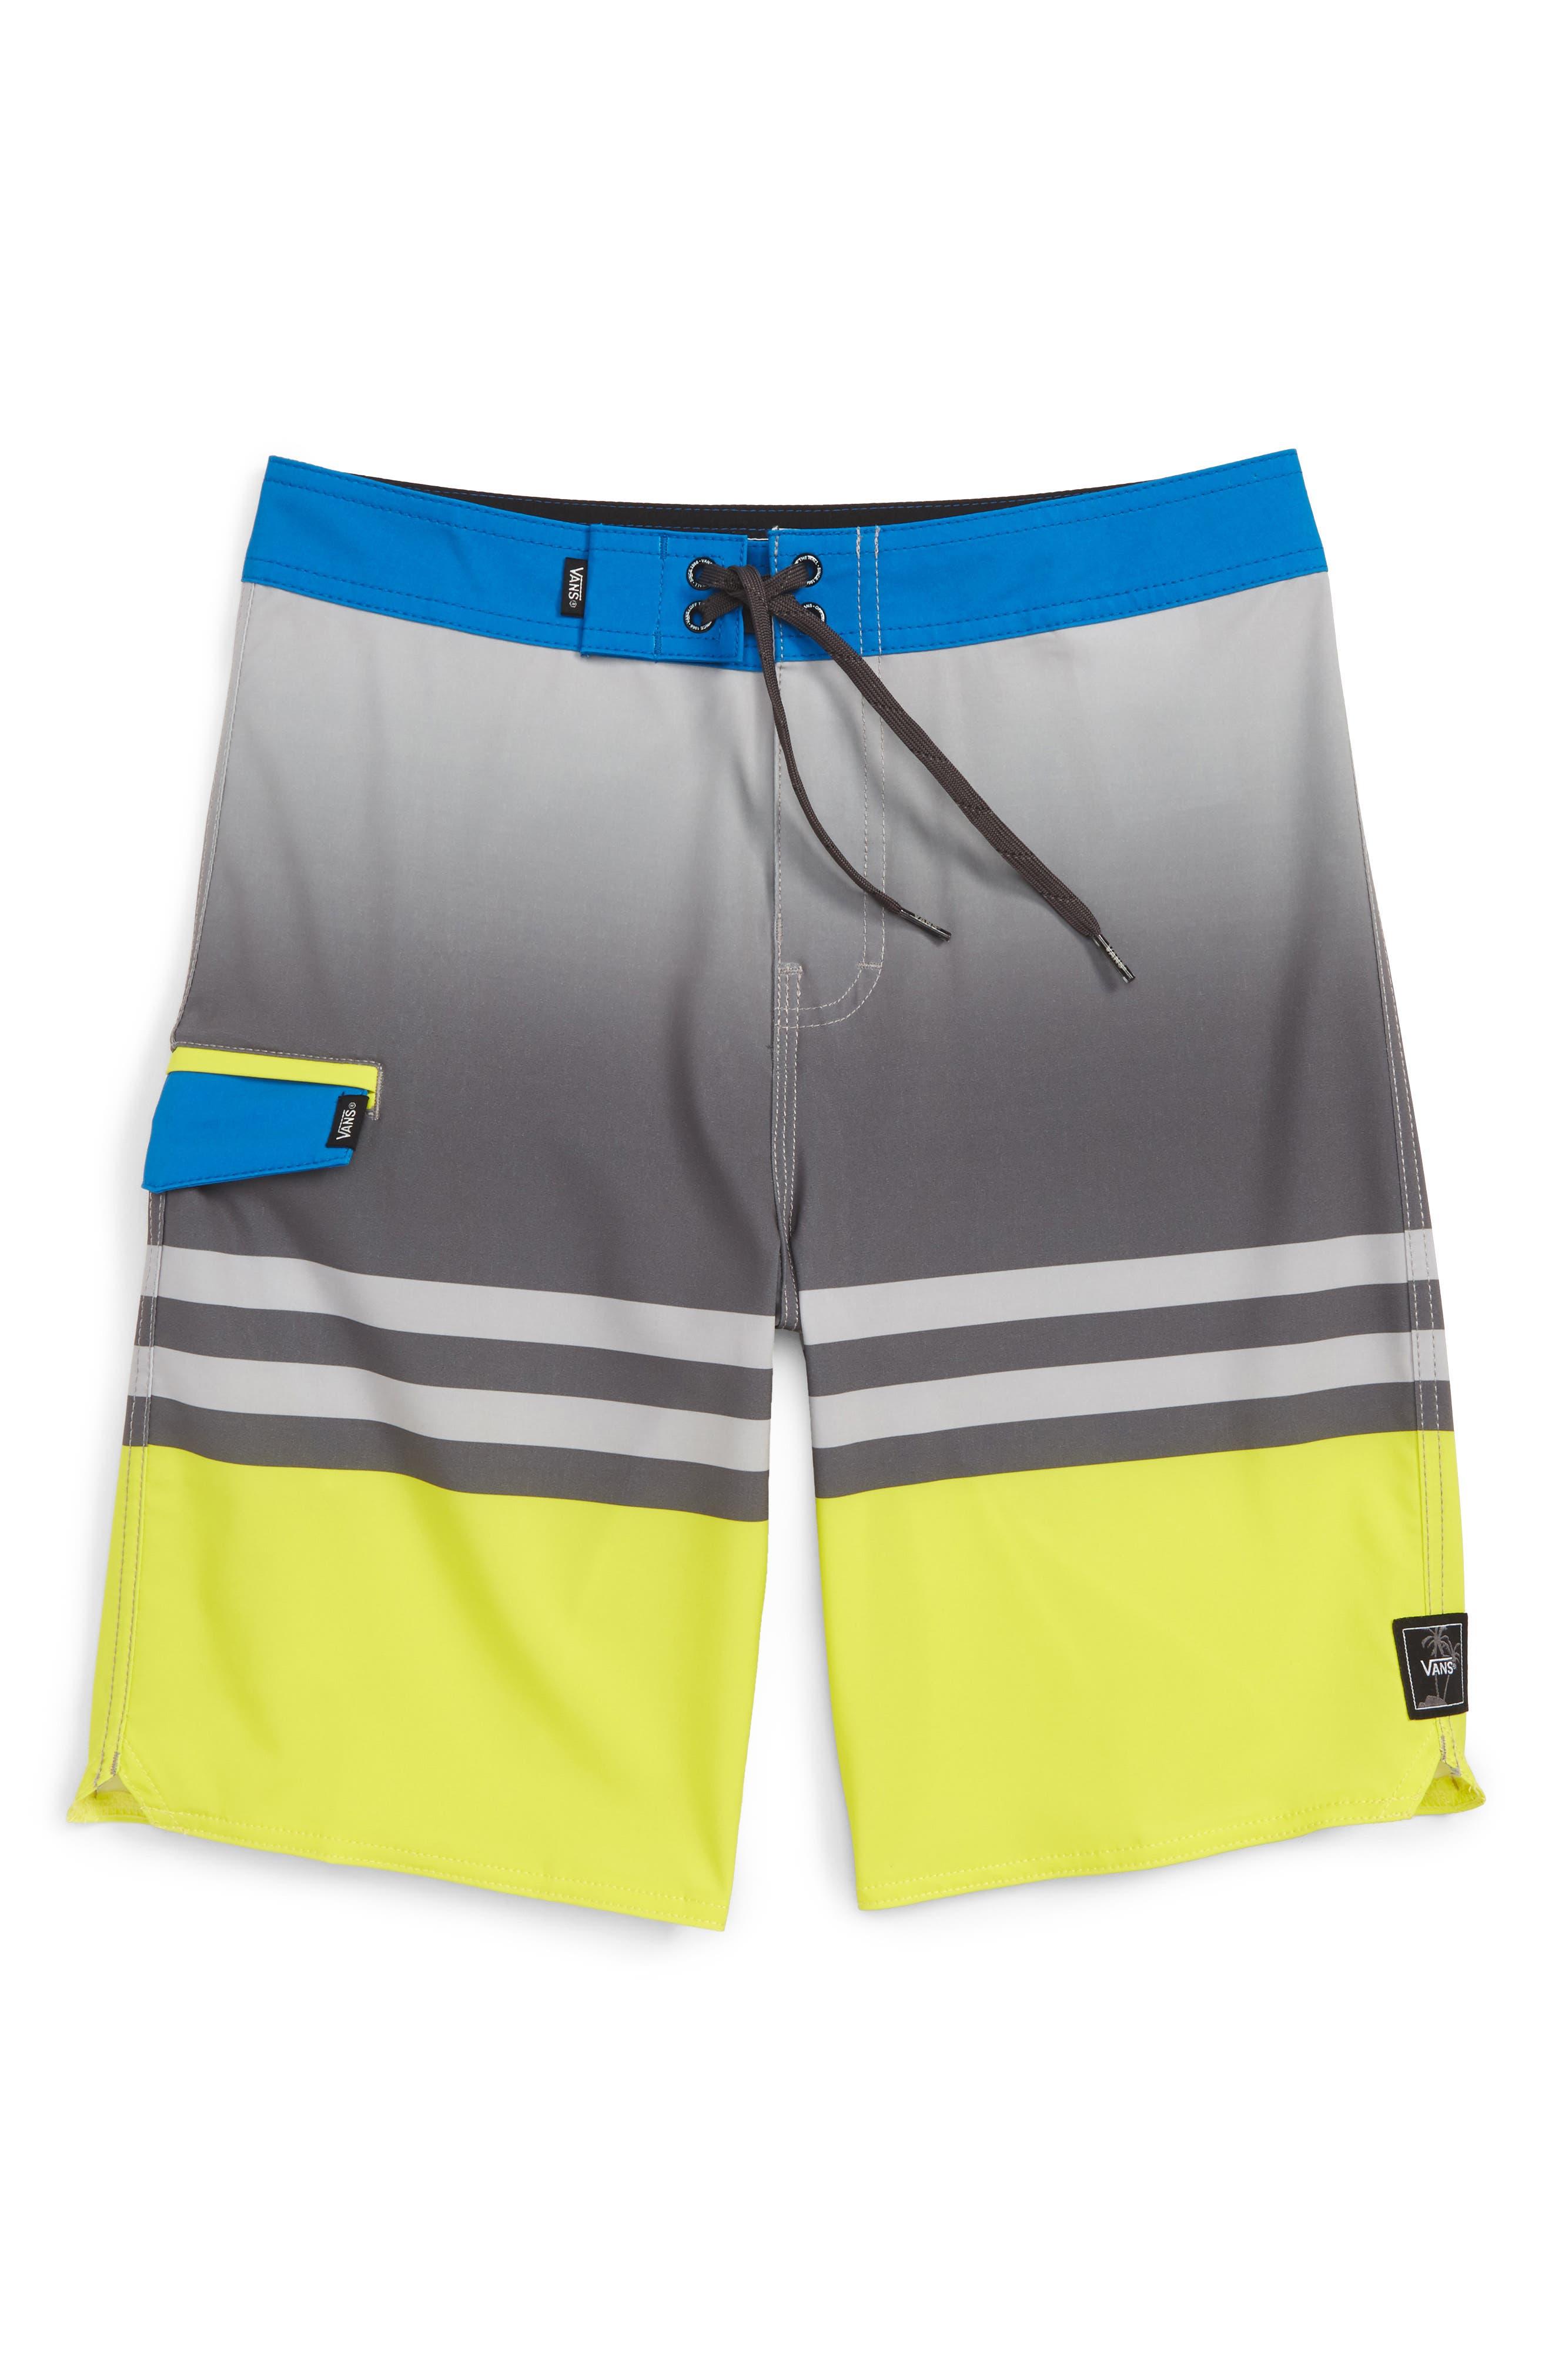 Era Board Shorts,                             Main thumbnail 5, color,